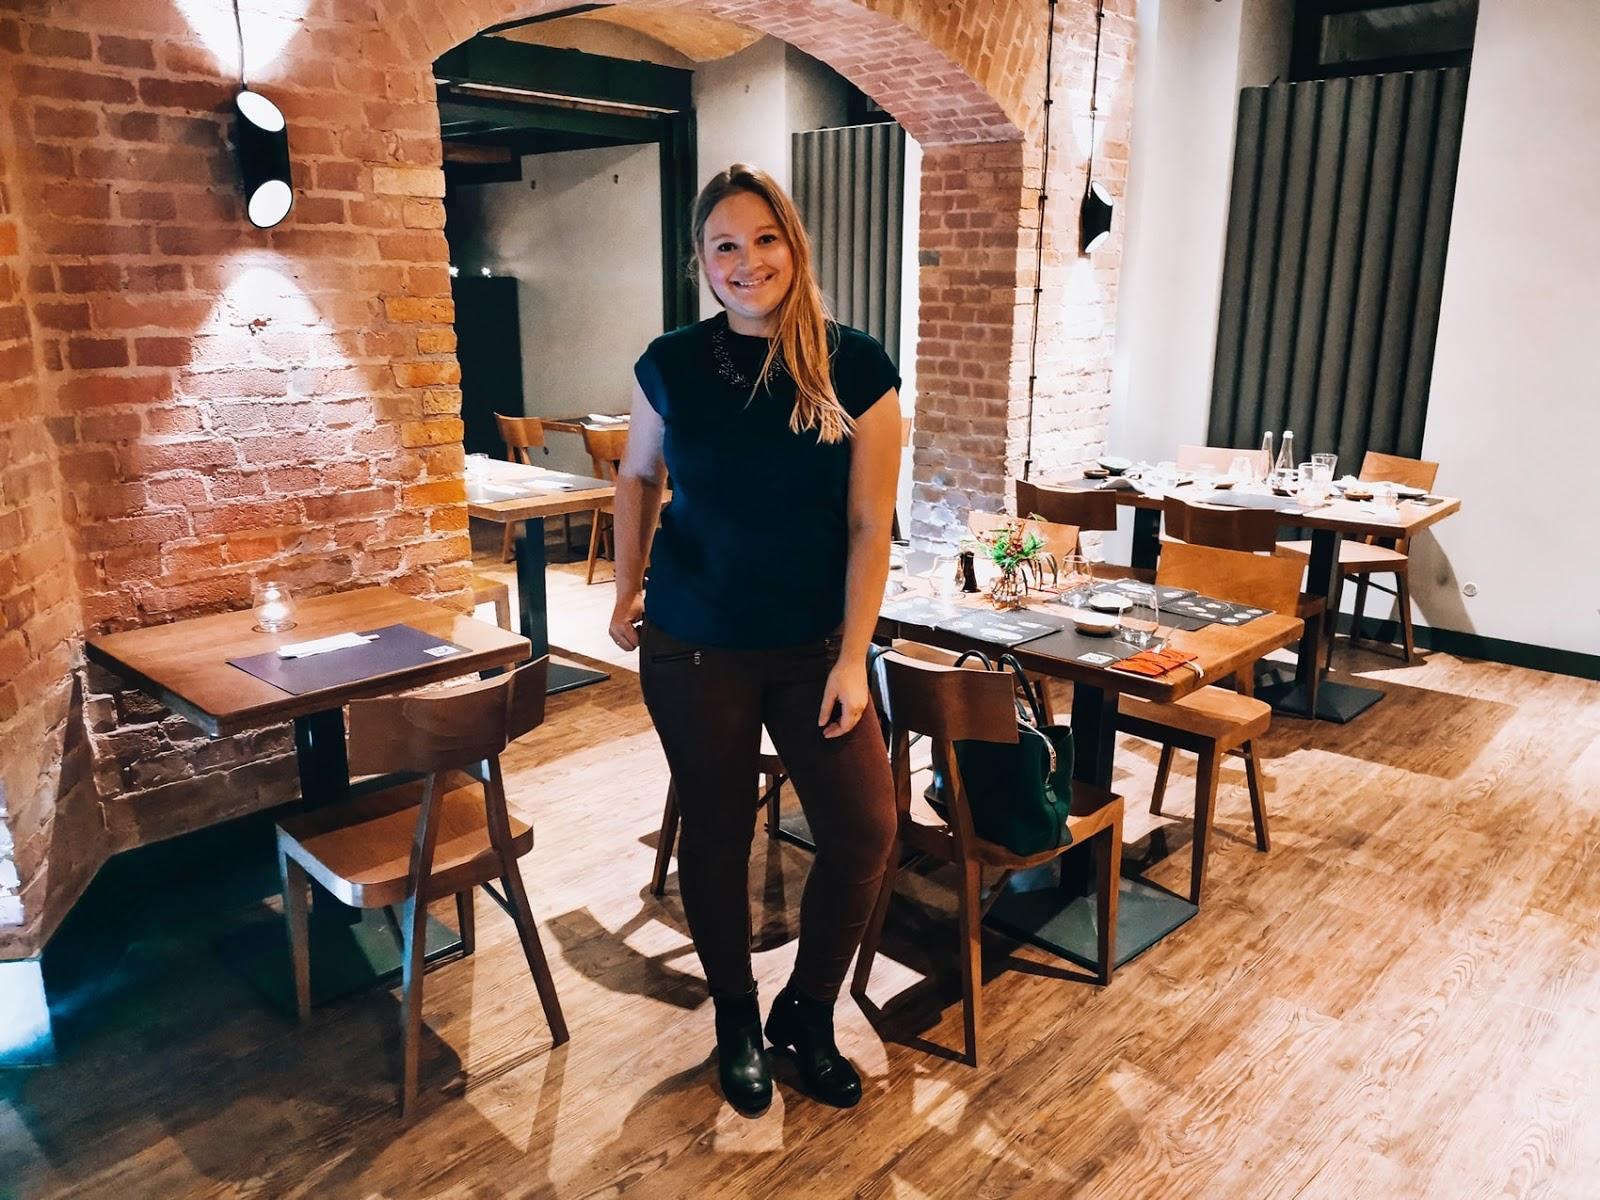 rodzinna_elegancka_restauracja_Poznan